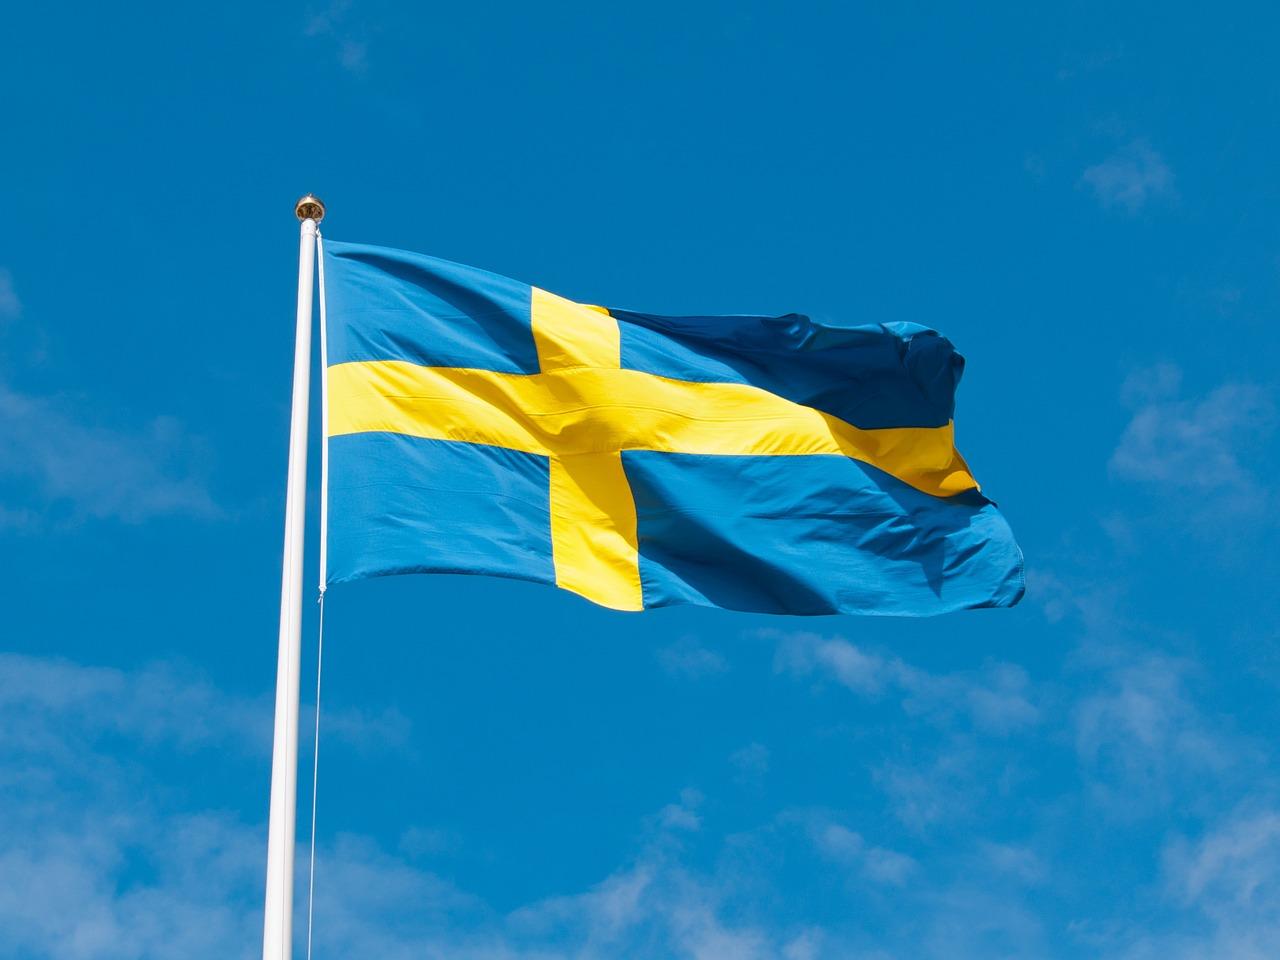 Kościół luterański w Szwecji za azylem dla dzieci-migrantów